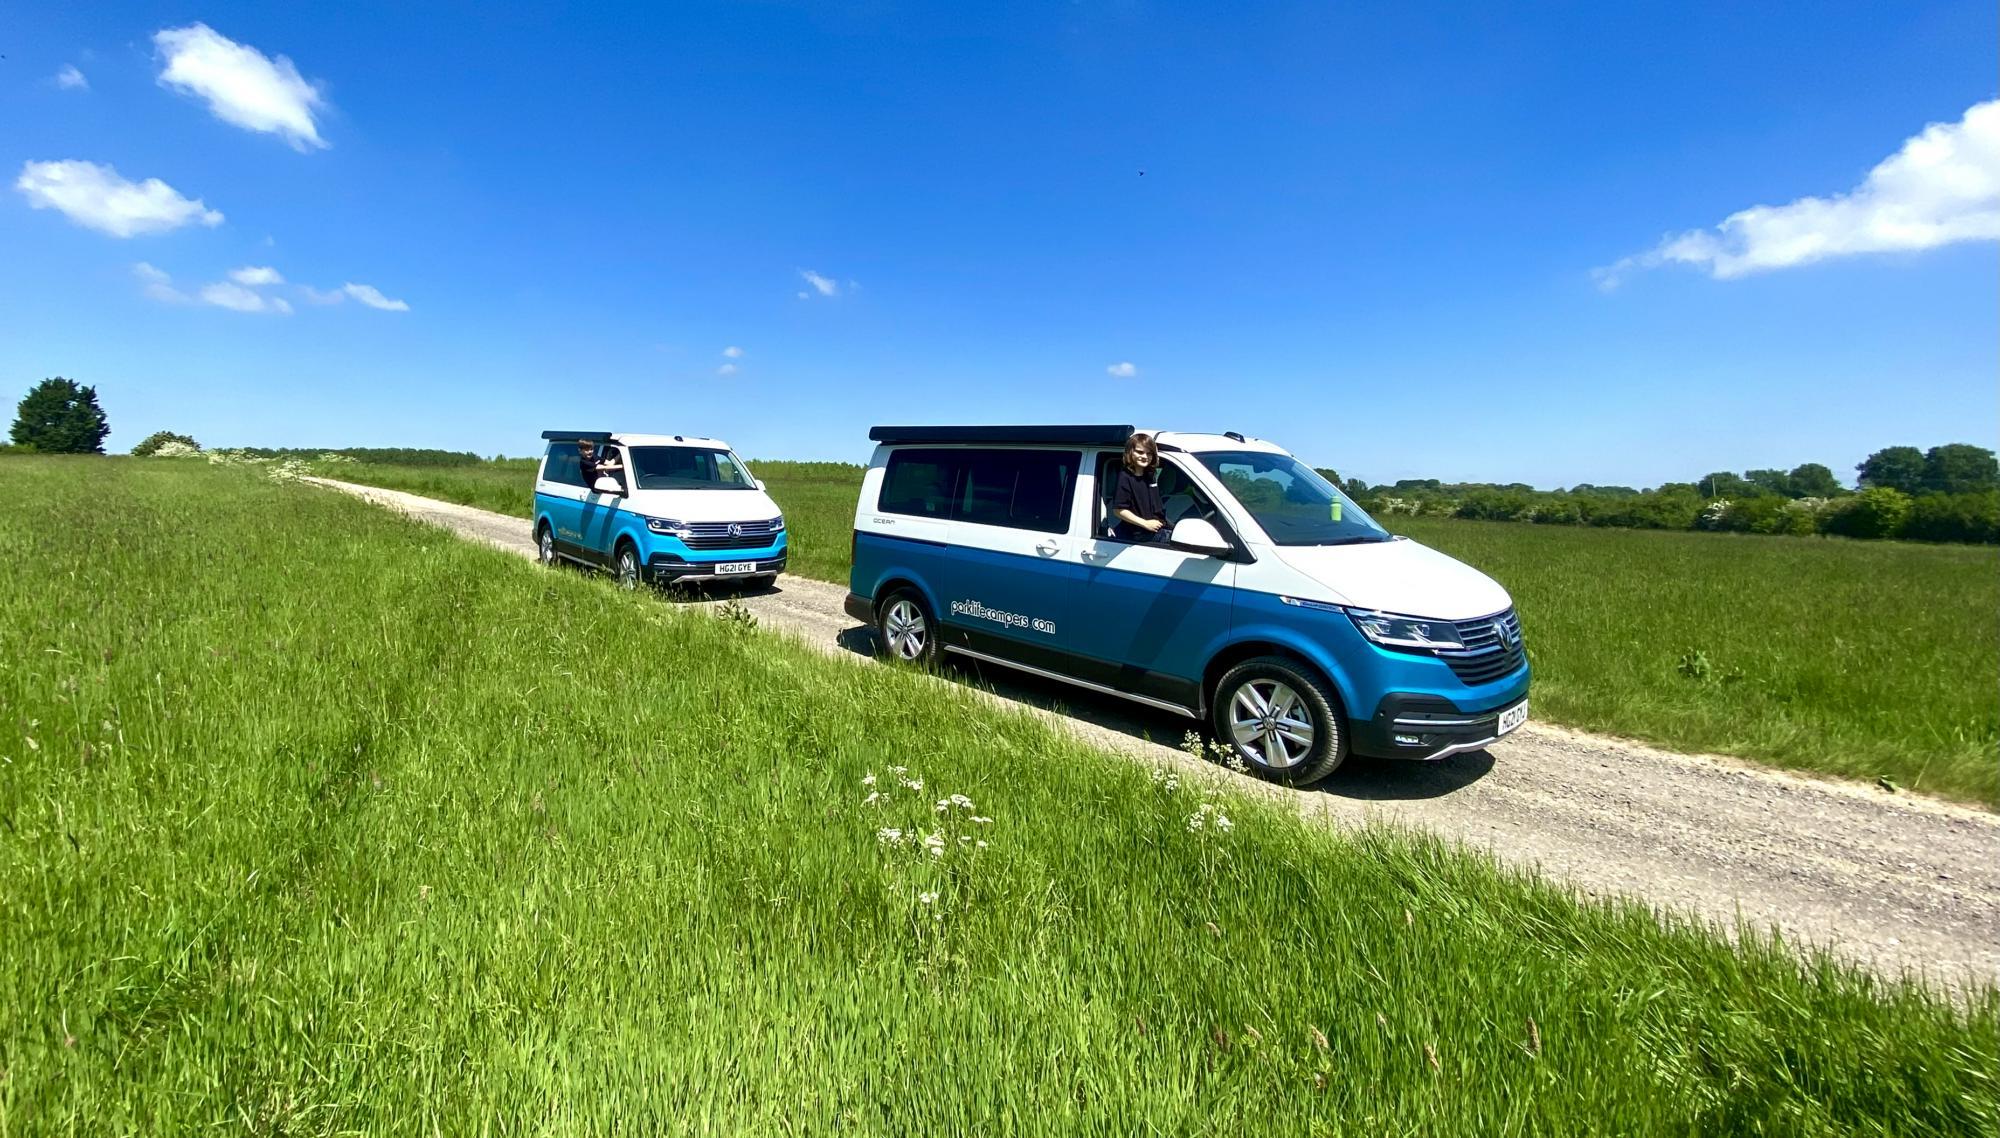 Campervan Hire and Motorhome Rental in Milton Keynes – Cool Camping